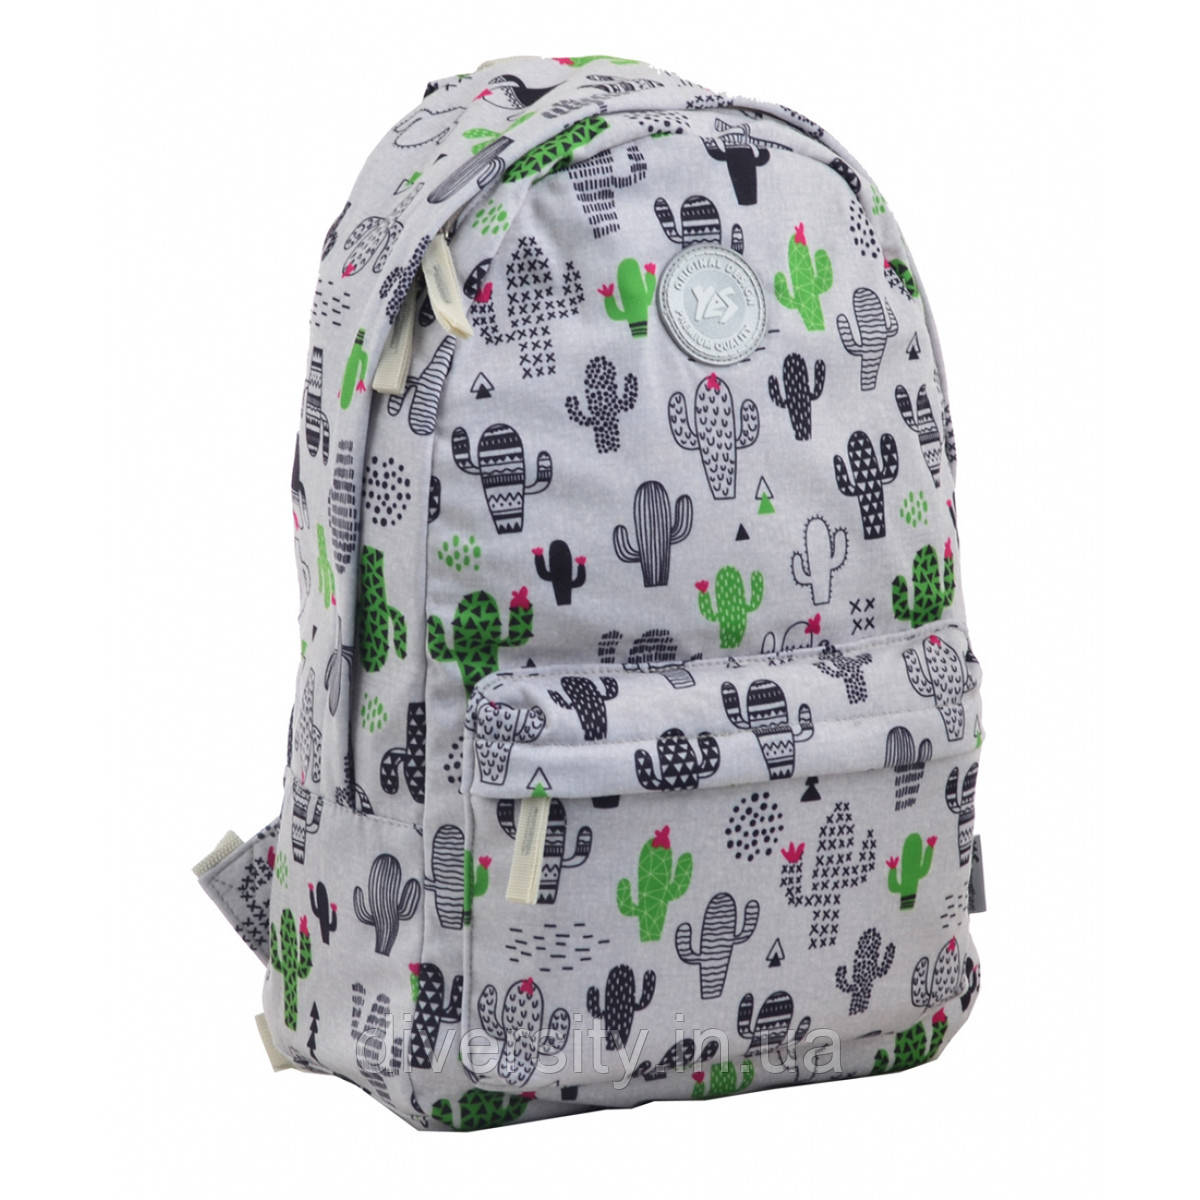 Молодежный рюкзак YES  ST-31 Cactus, 44*28*14